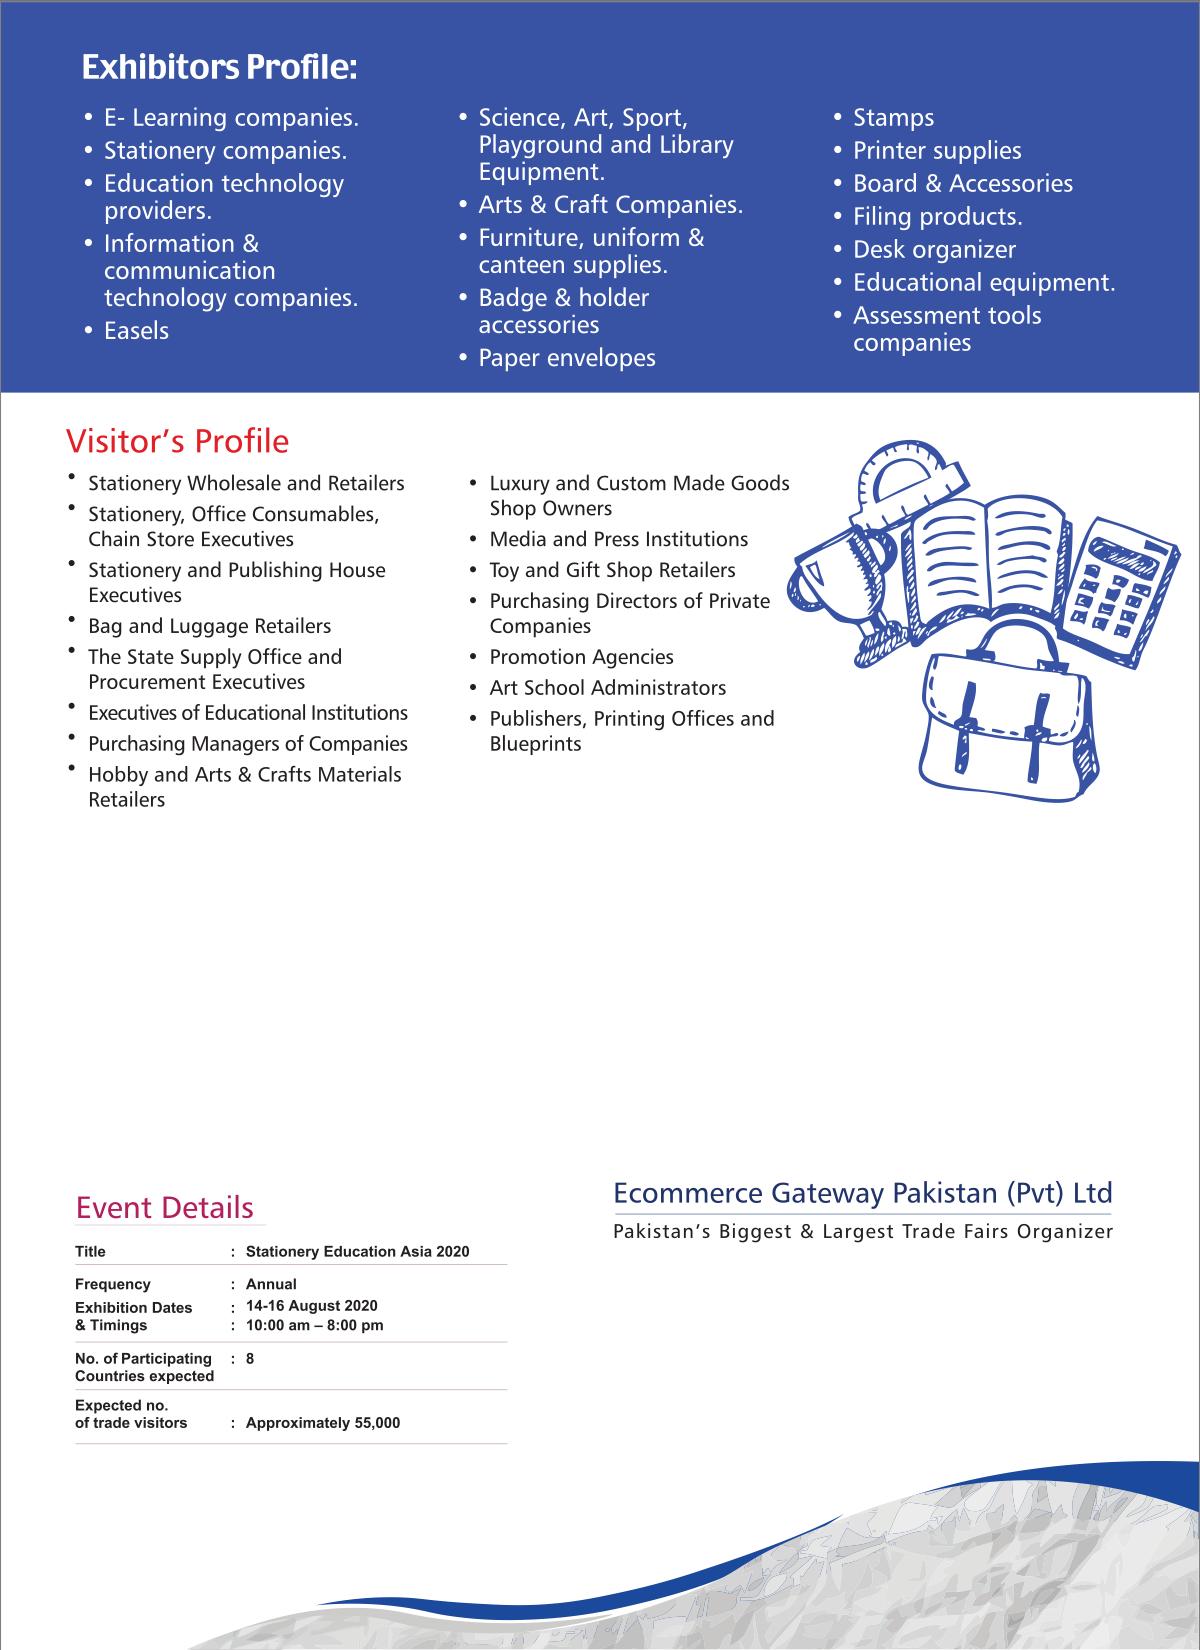 巴基斯坦卡拉奇文具教育展覽會Station Eryeducation Asia